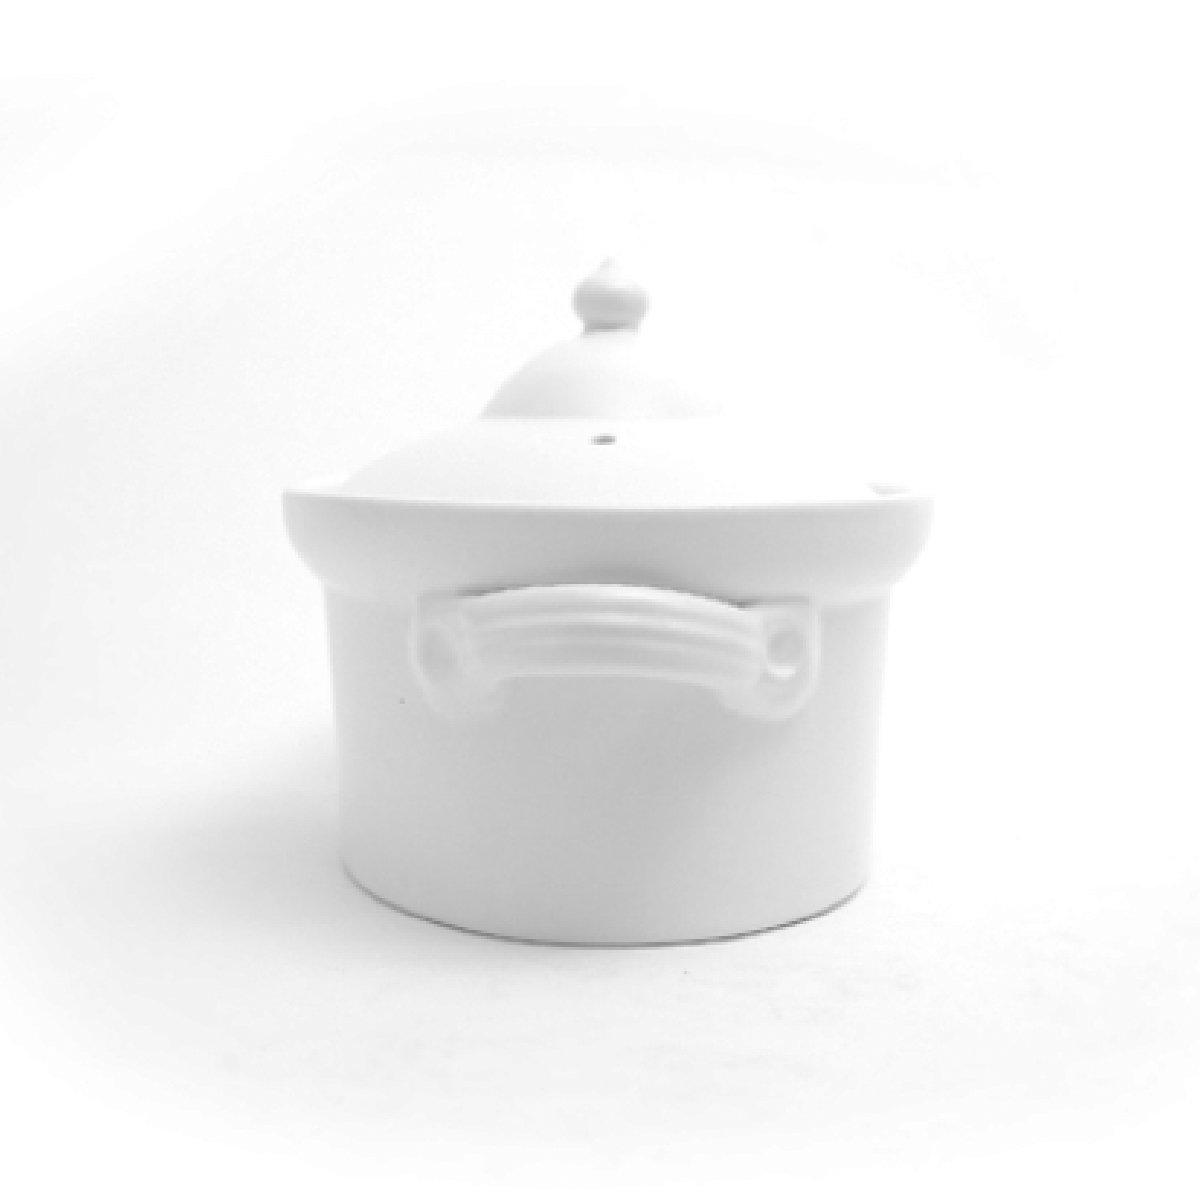 アラジンの鍋 白 詳細画像2